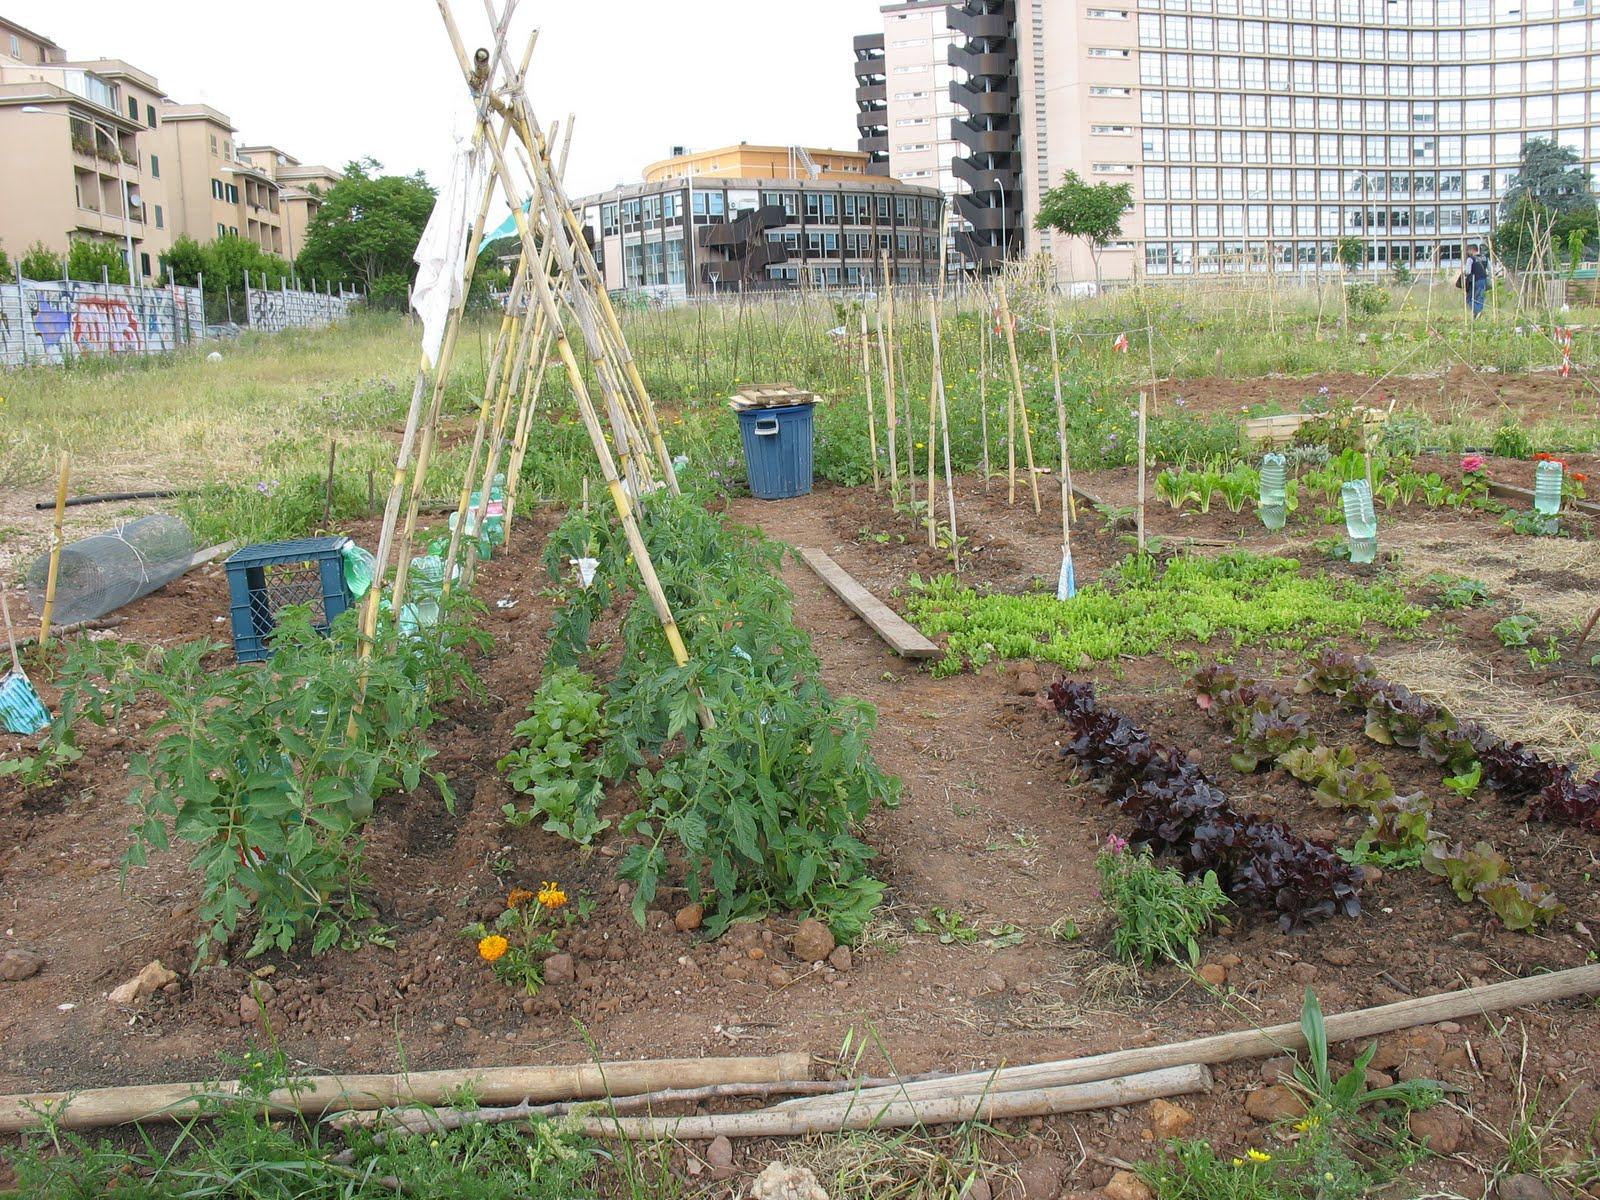 nella periferia di roma arrivano gli orti urbani cibi